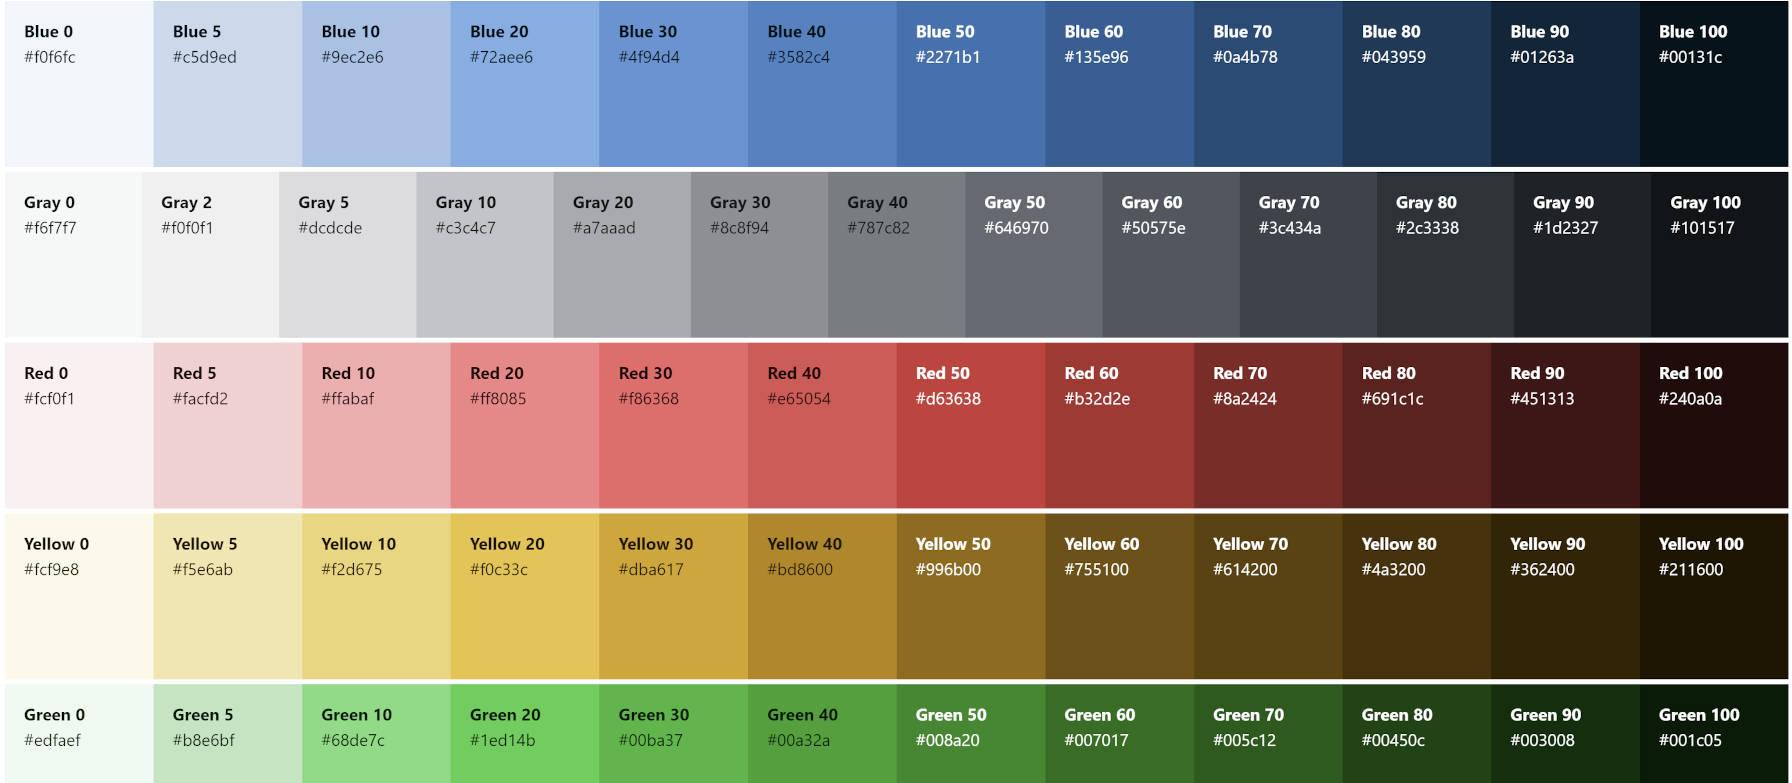 Palette de couleurs bleu, gris, rouge, jaune et vert du jeu de couleurs de l'administrateur WordPress.